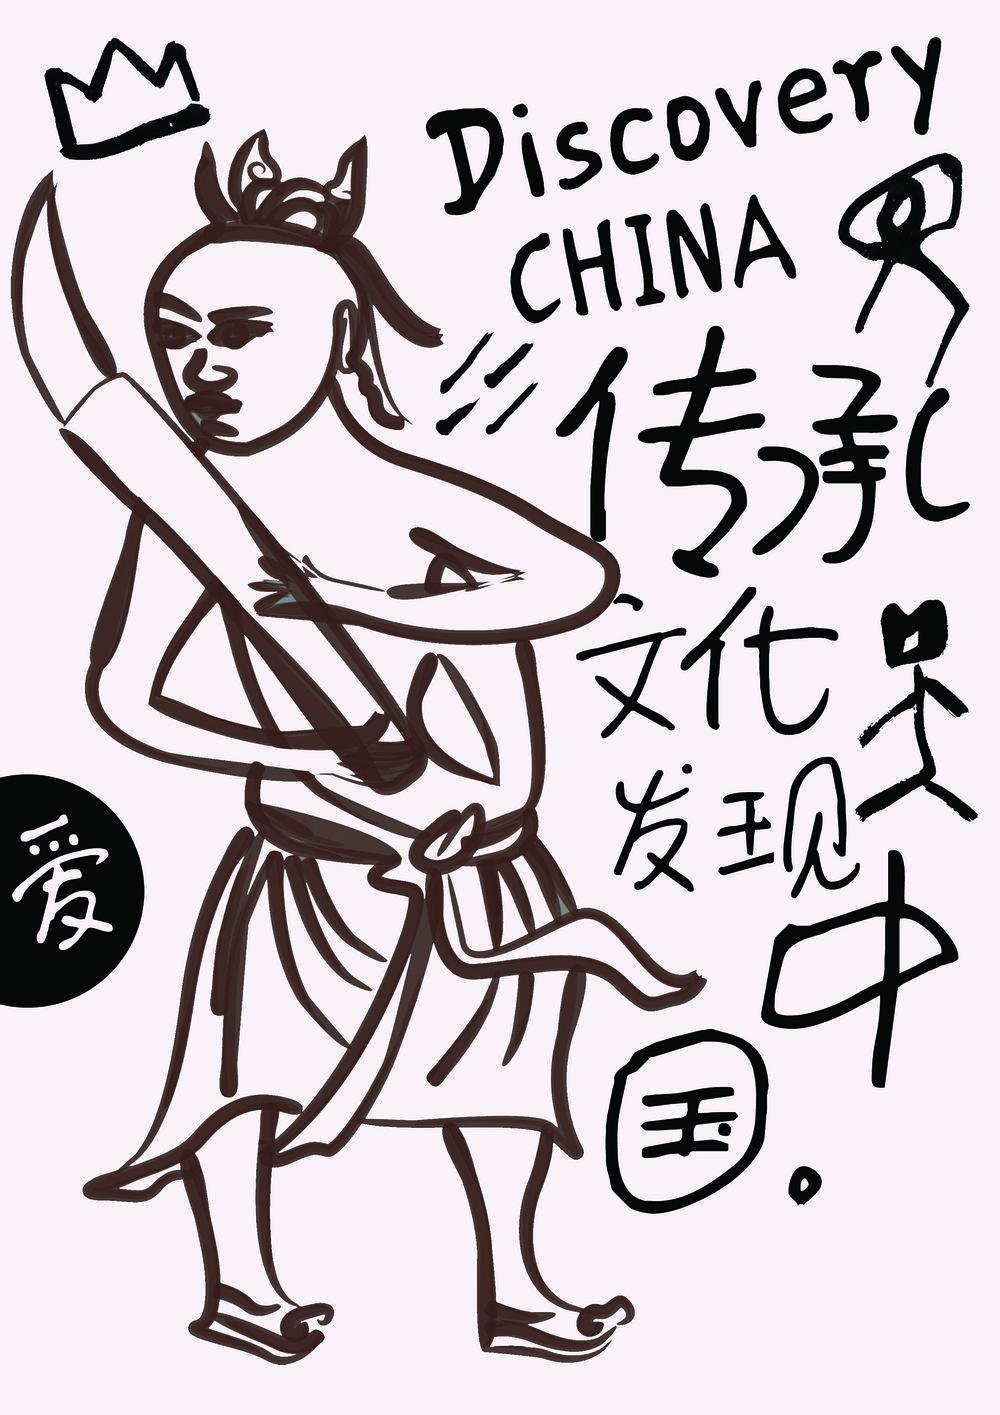 品读中国系列1.jpg